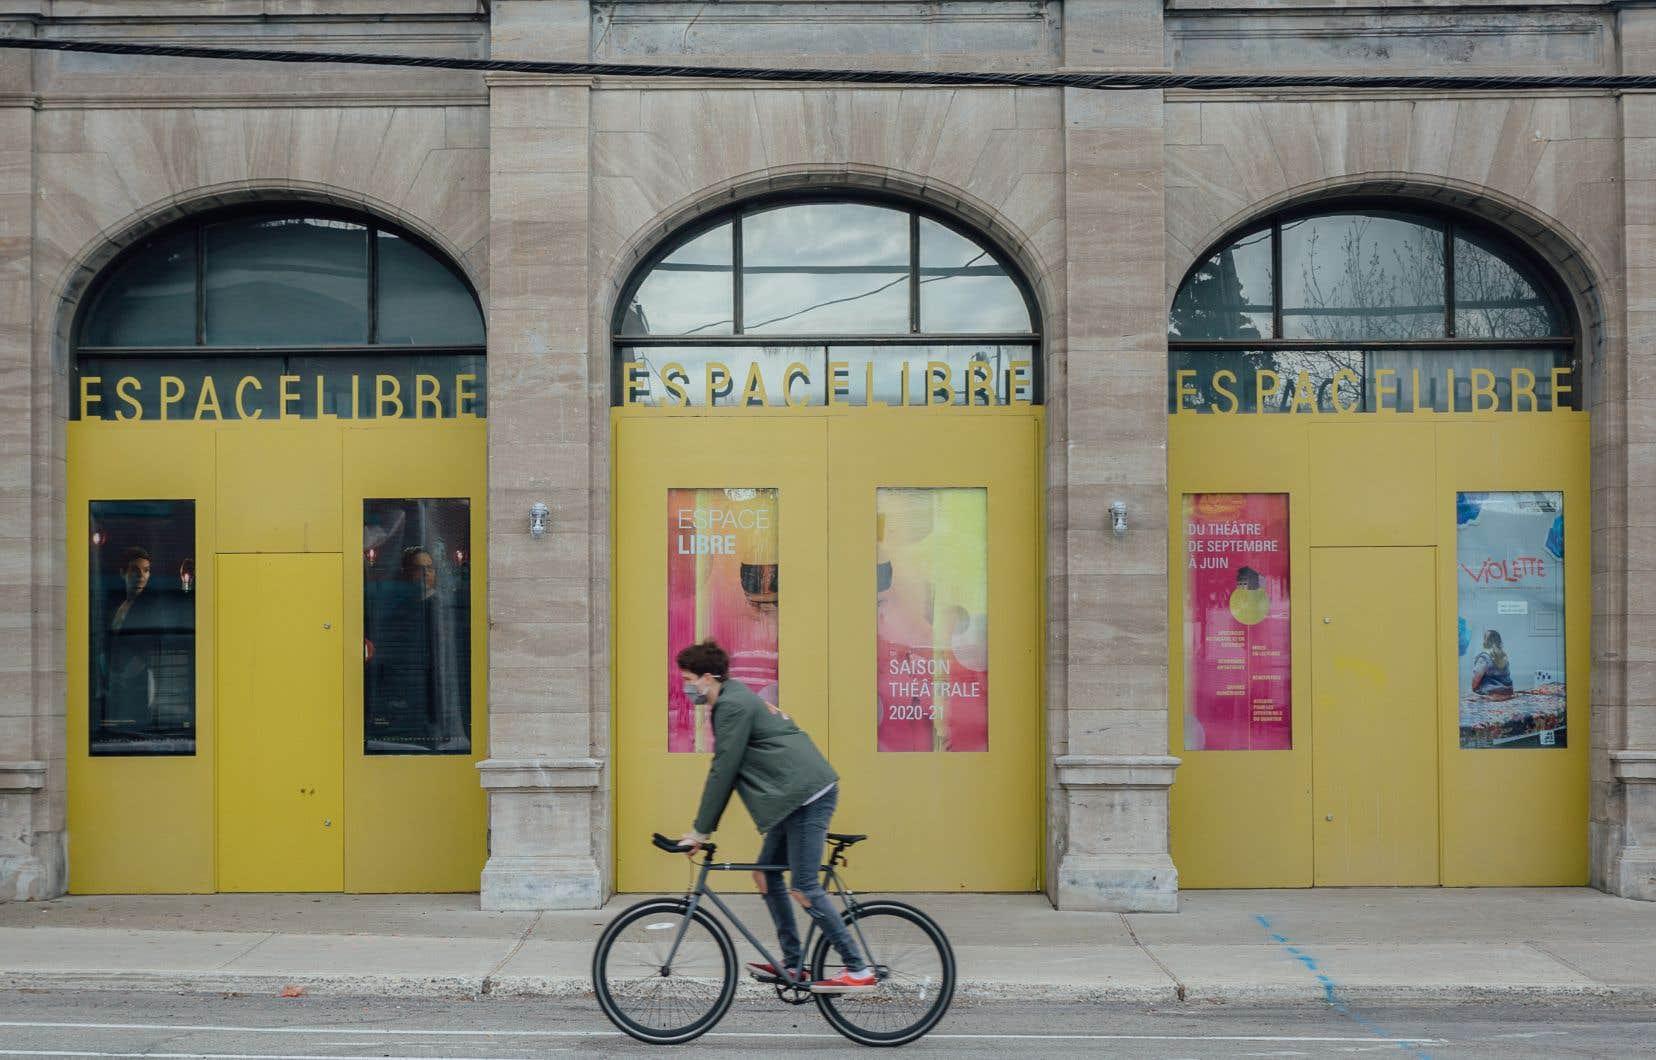 Des clients de théâtres qui valorisent le français, comme Espace Libre, ont reçu des communications non traduites ou comportant des fautes en raison d'une mauvaise traduction.